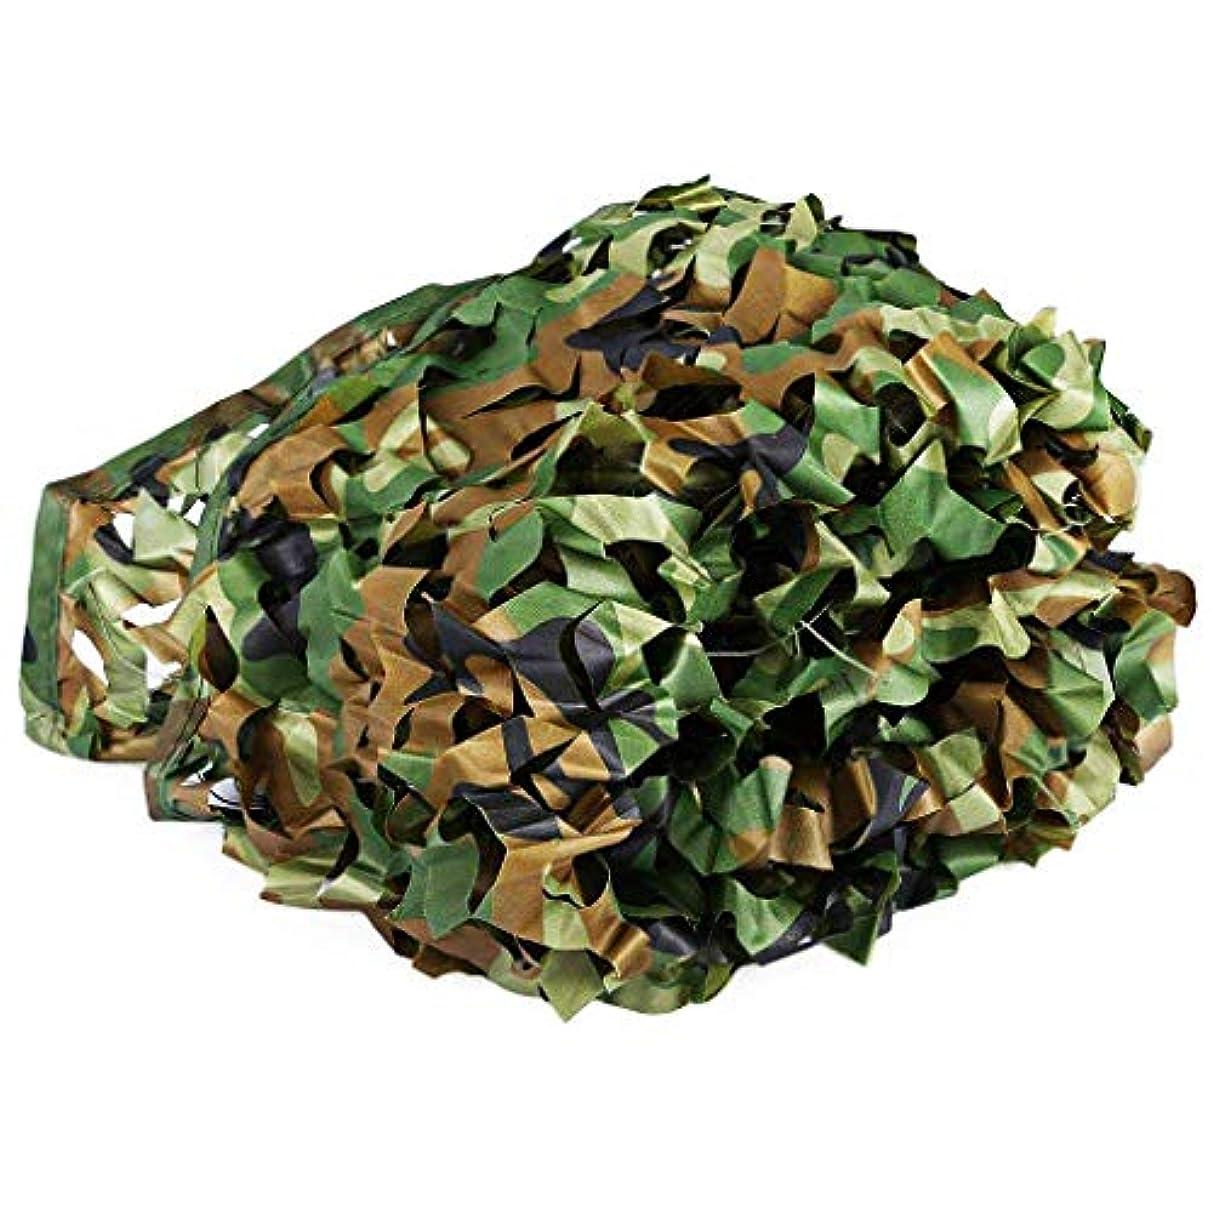 曖昧な時々人工的なジャングルモード迷彩ネット装飾日焼け止めネット屋外キャンプ隠し森サンシェード写真マルチサイズオプション(サイズ:3 * 4m) (サイズ さいず : 4*5m)